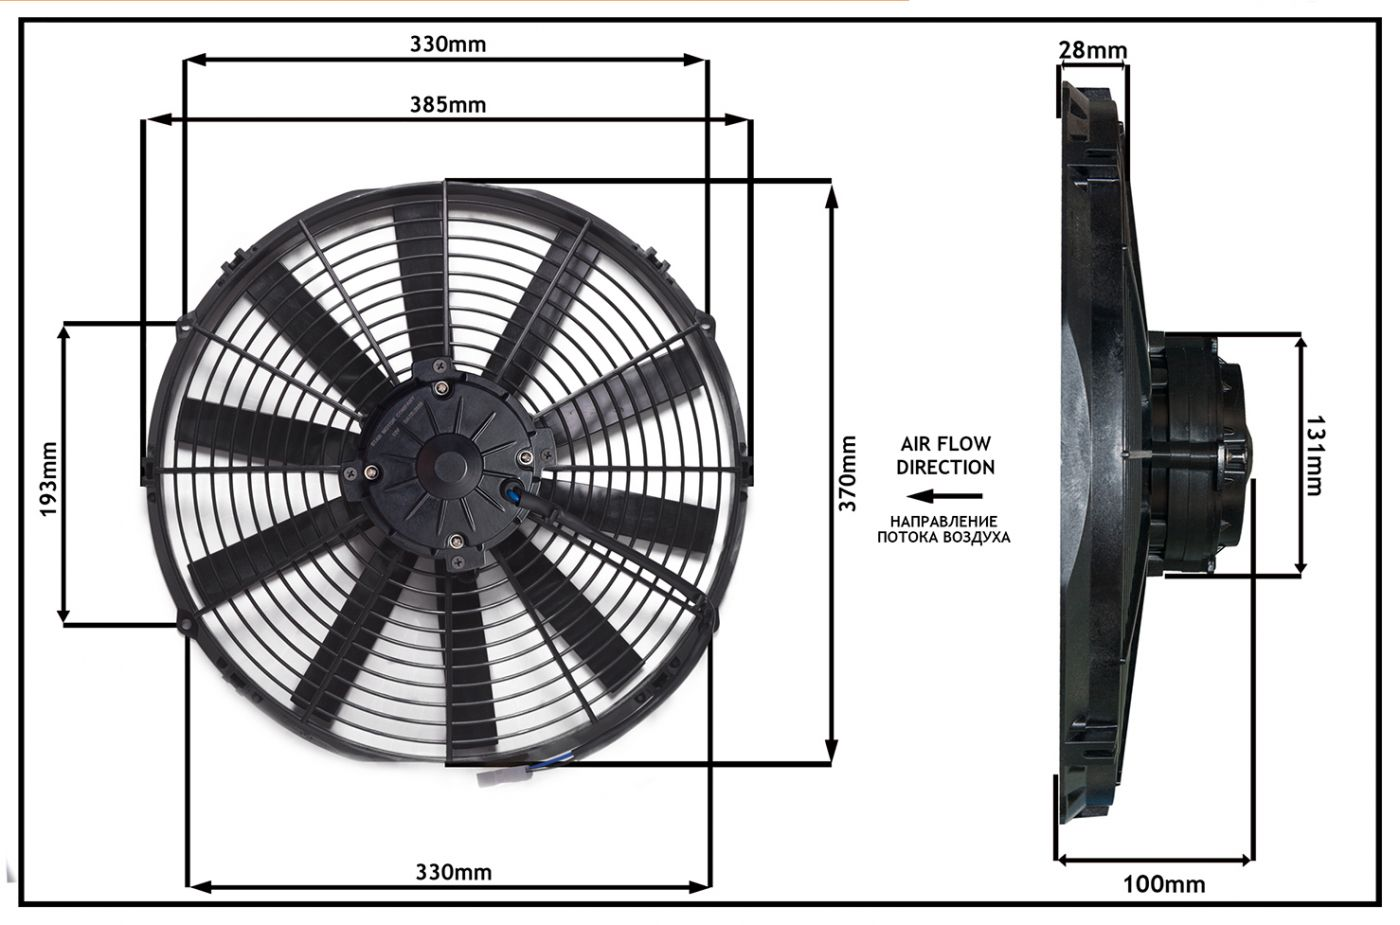 """Осевой вентилятор, 14"""" дюймов, 170 Ватт, 24 Вольт, Нагнетающий (PUSH) STR128"""